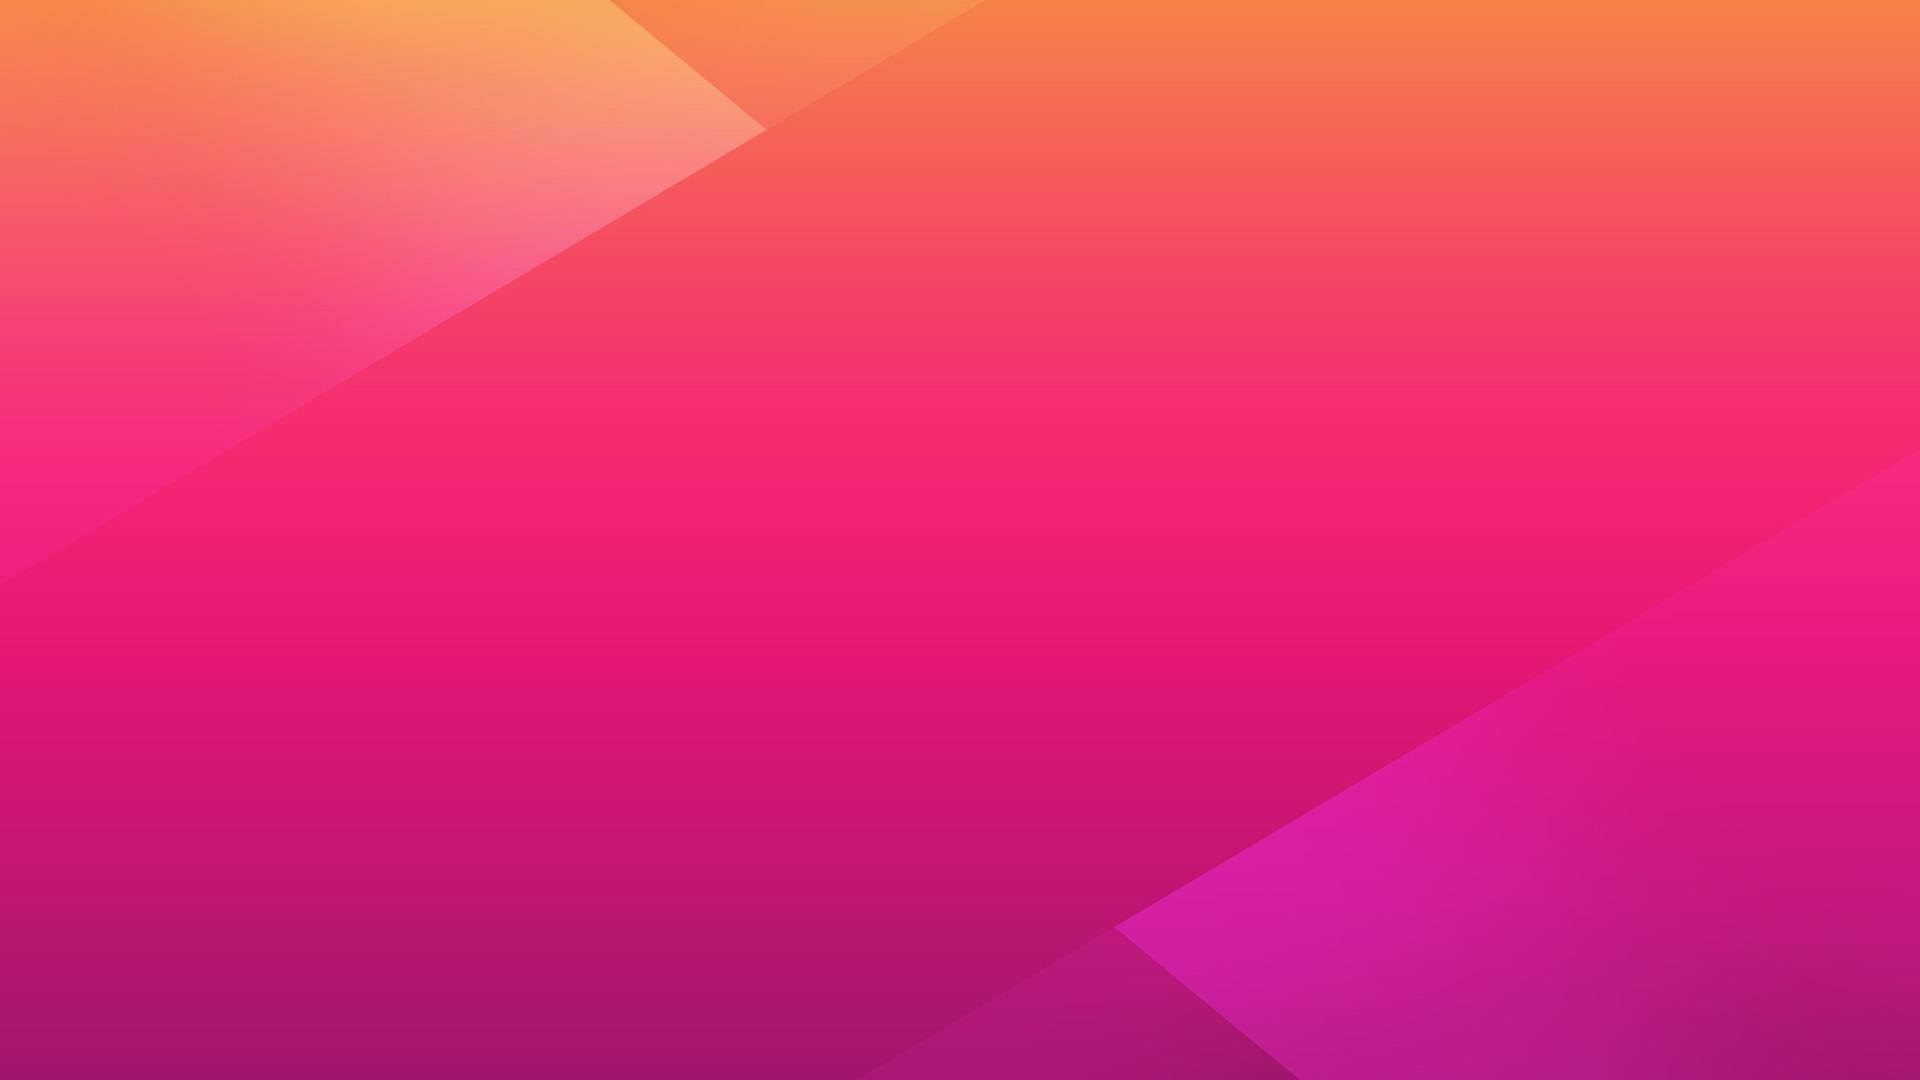 gradient wallpaper 26043